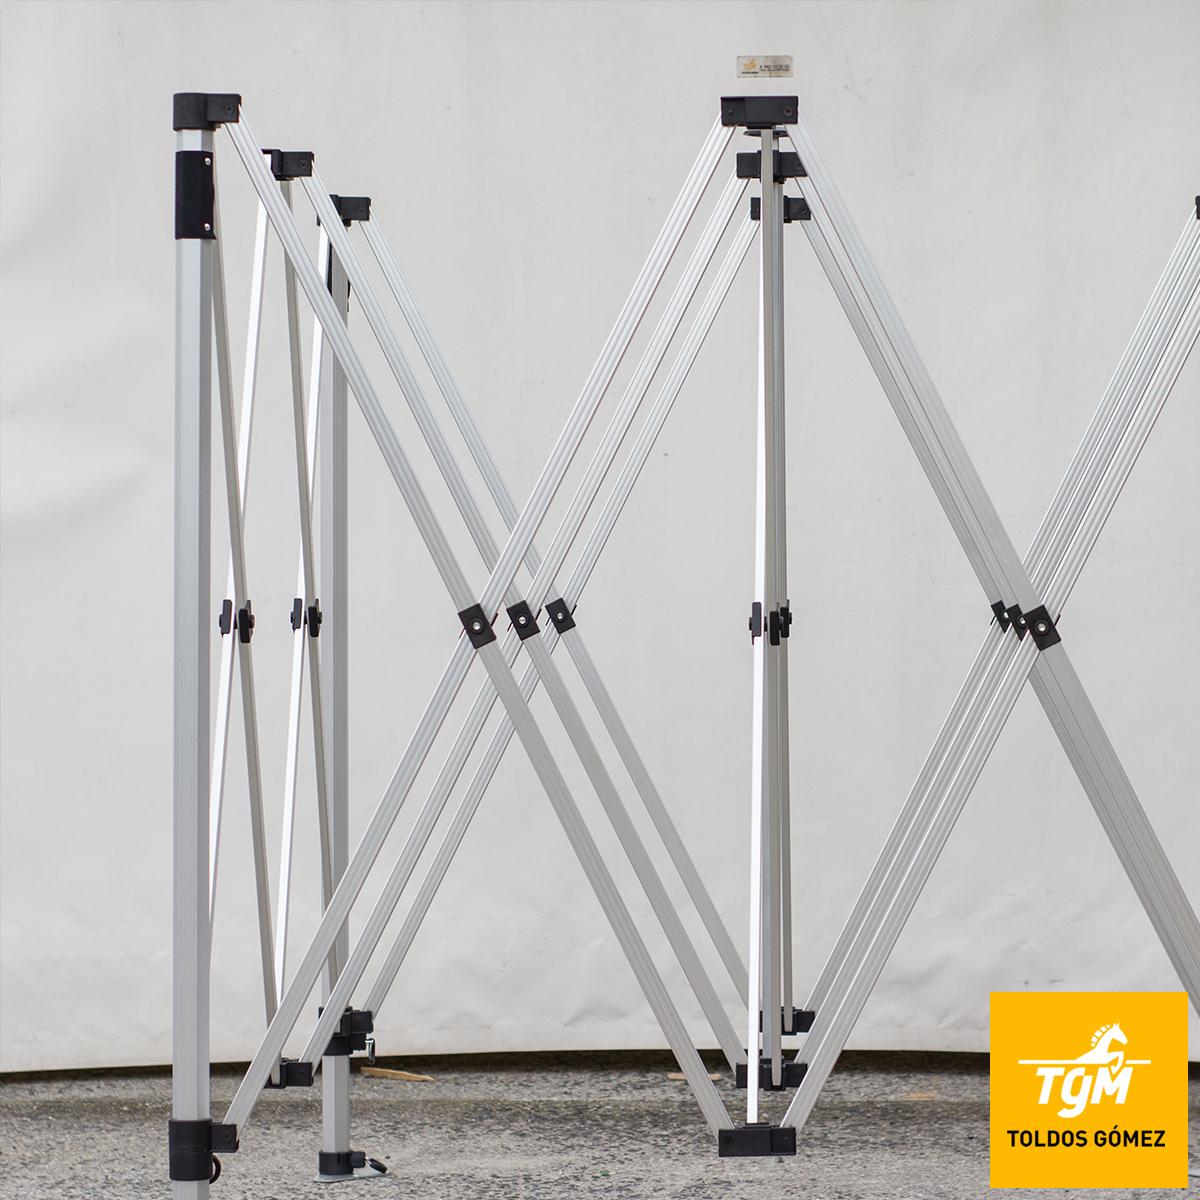 Las carpas plegables funcionan mediante un mecanismo muy cómodo y práctico